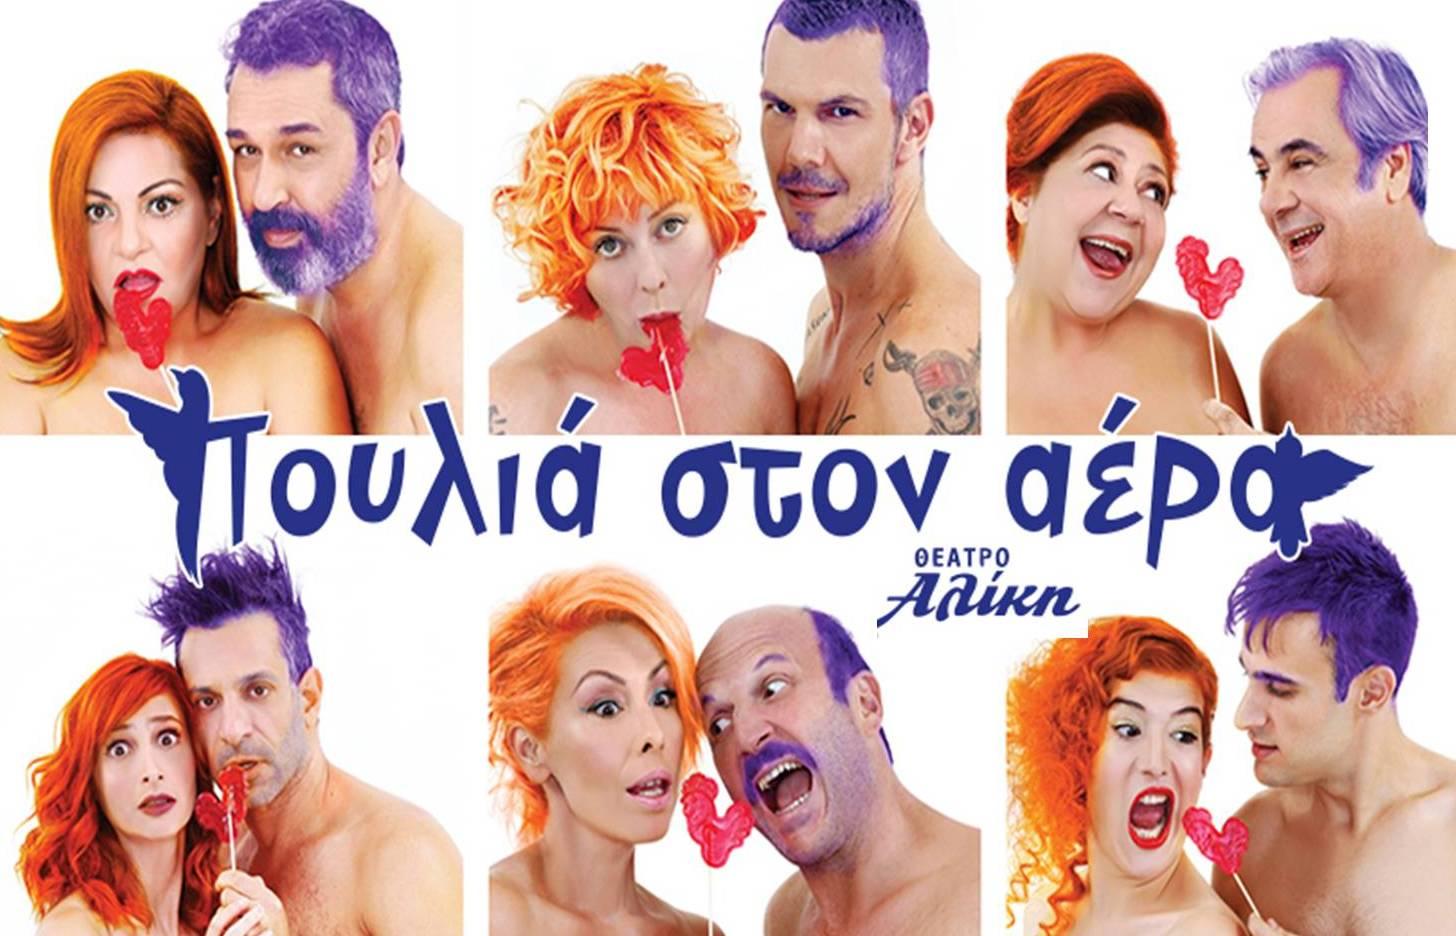 Από 13€ στην ελαφρώς «ανήθικη» κωμωδία, του μετρ της γαλλικής φάρσας Georges Feydeau, ''Πουλιά στον Αέρα'', σε σκηνοθεσία Νίκου Μαστοράκη, στο Θέατρο Αλίκη. Με τους B. Σταυροπούλου, Χ. Χατζηπαναγιώτη, Γιώργο Χρανιώτη κα!